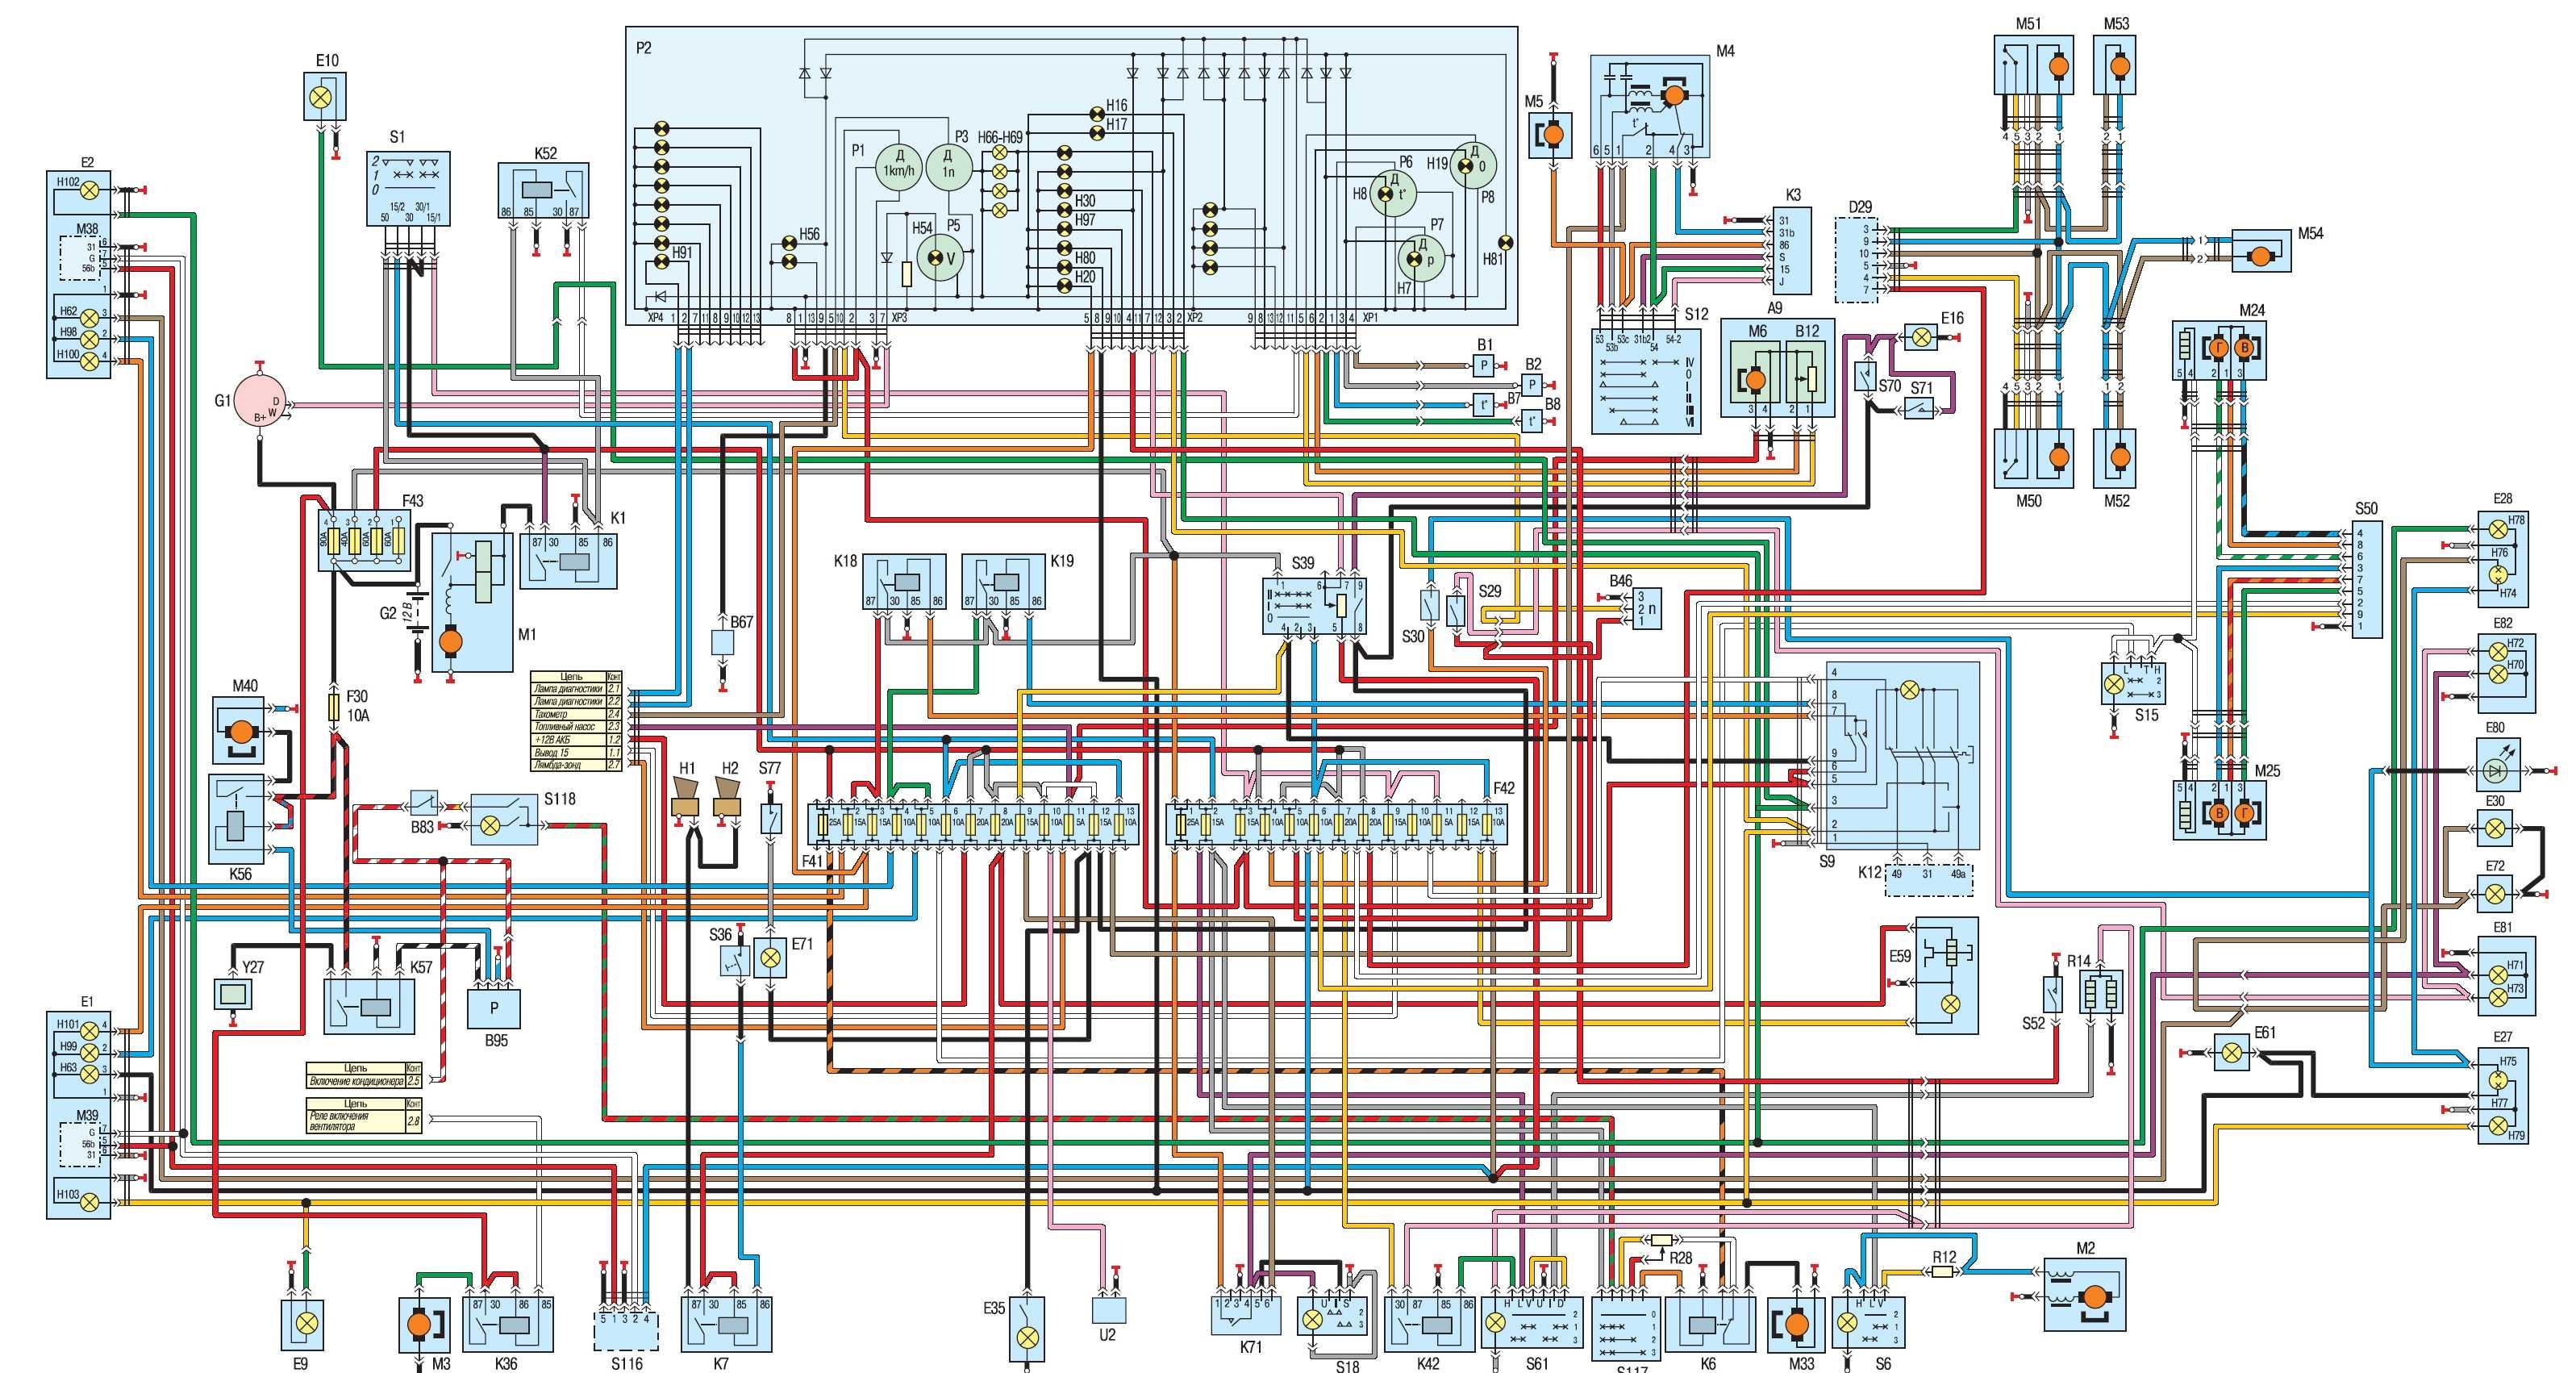 газель год 2000 электро схема